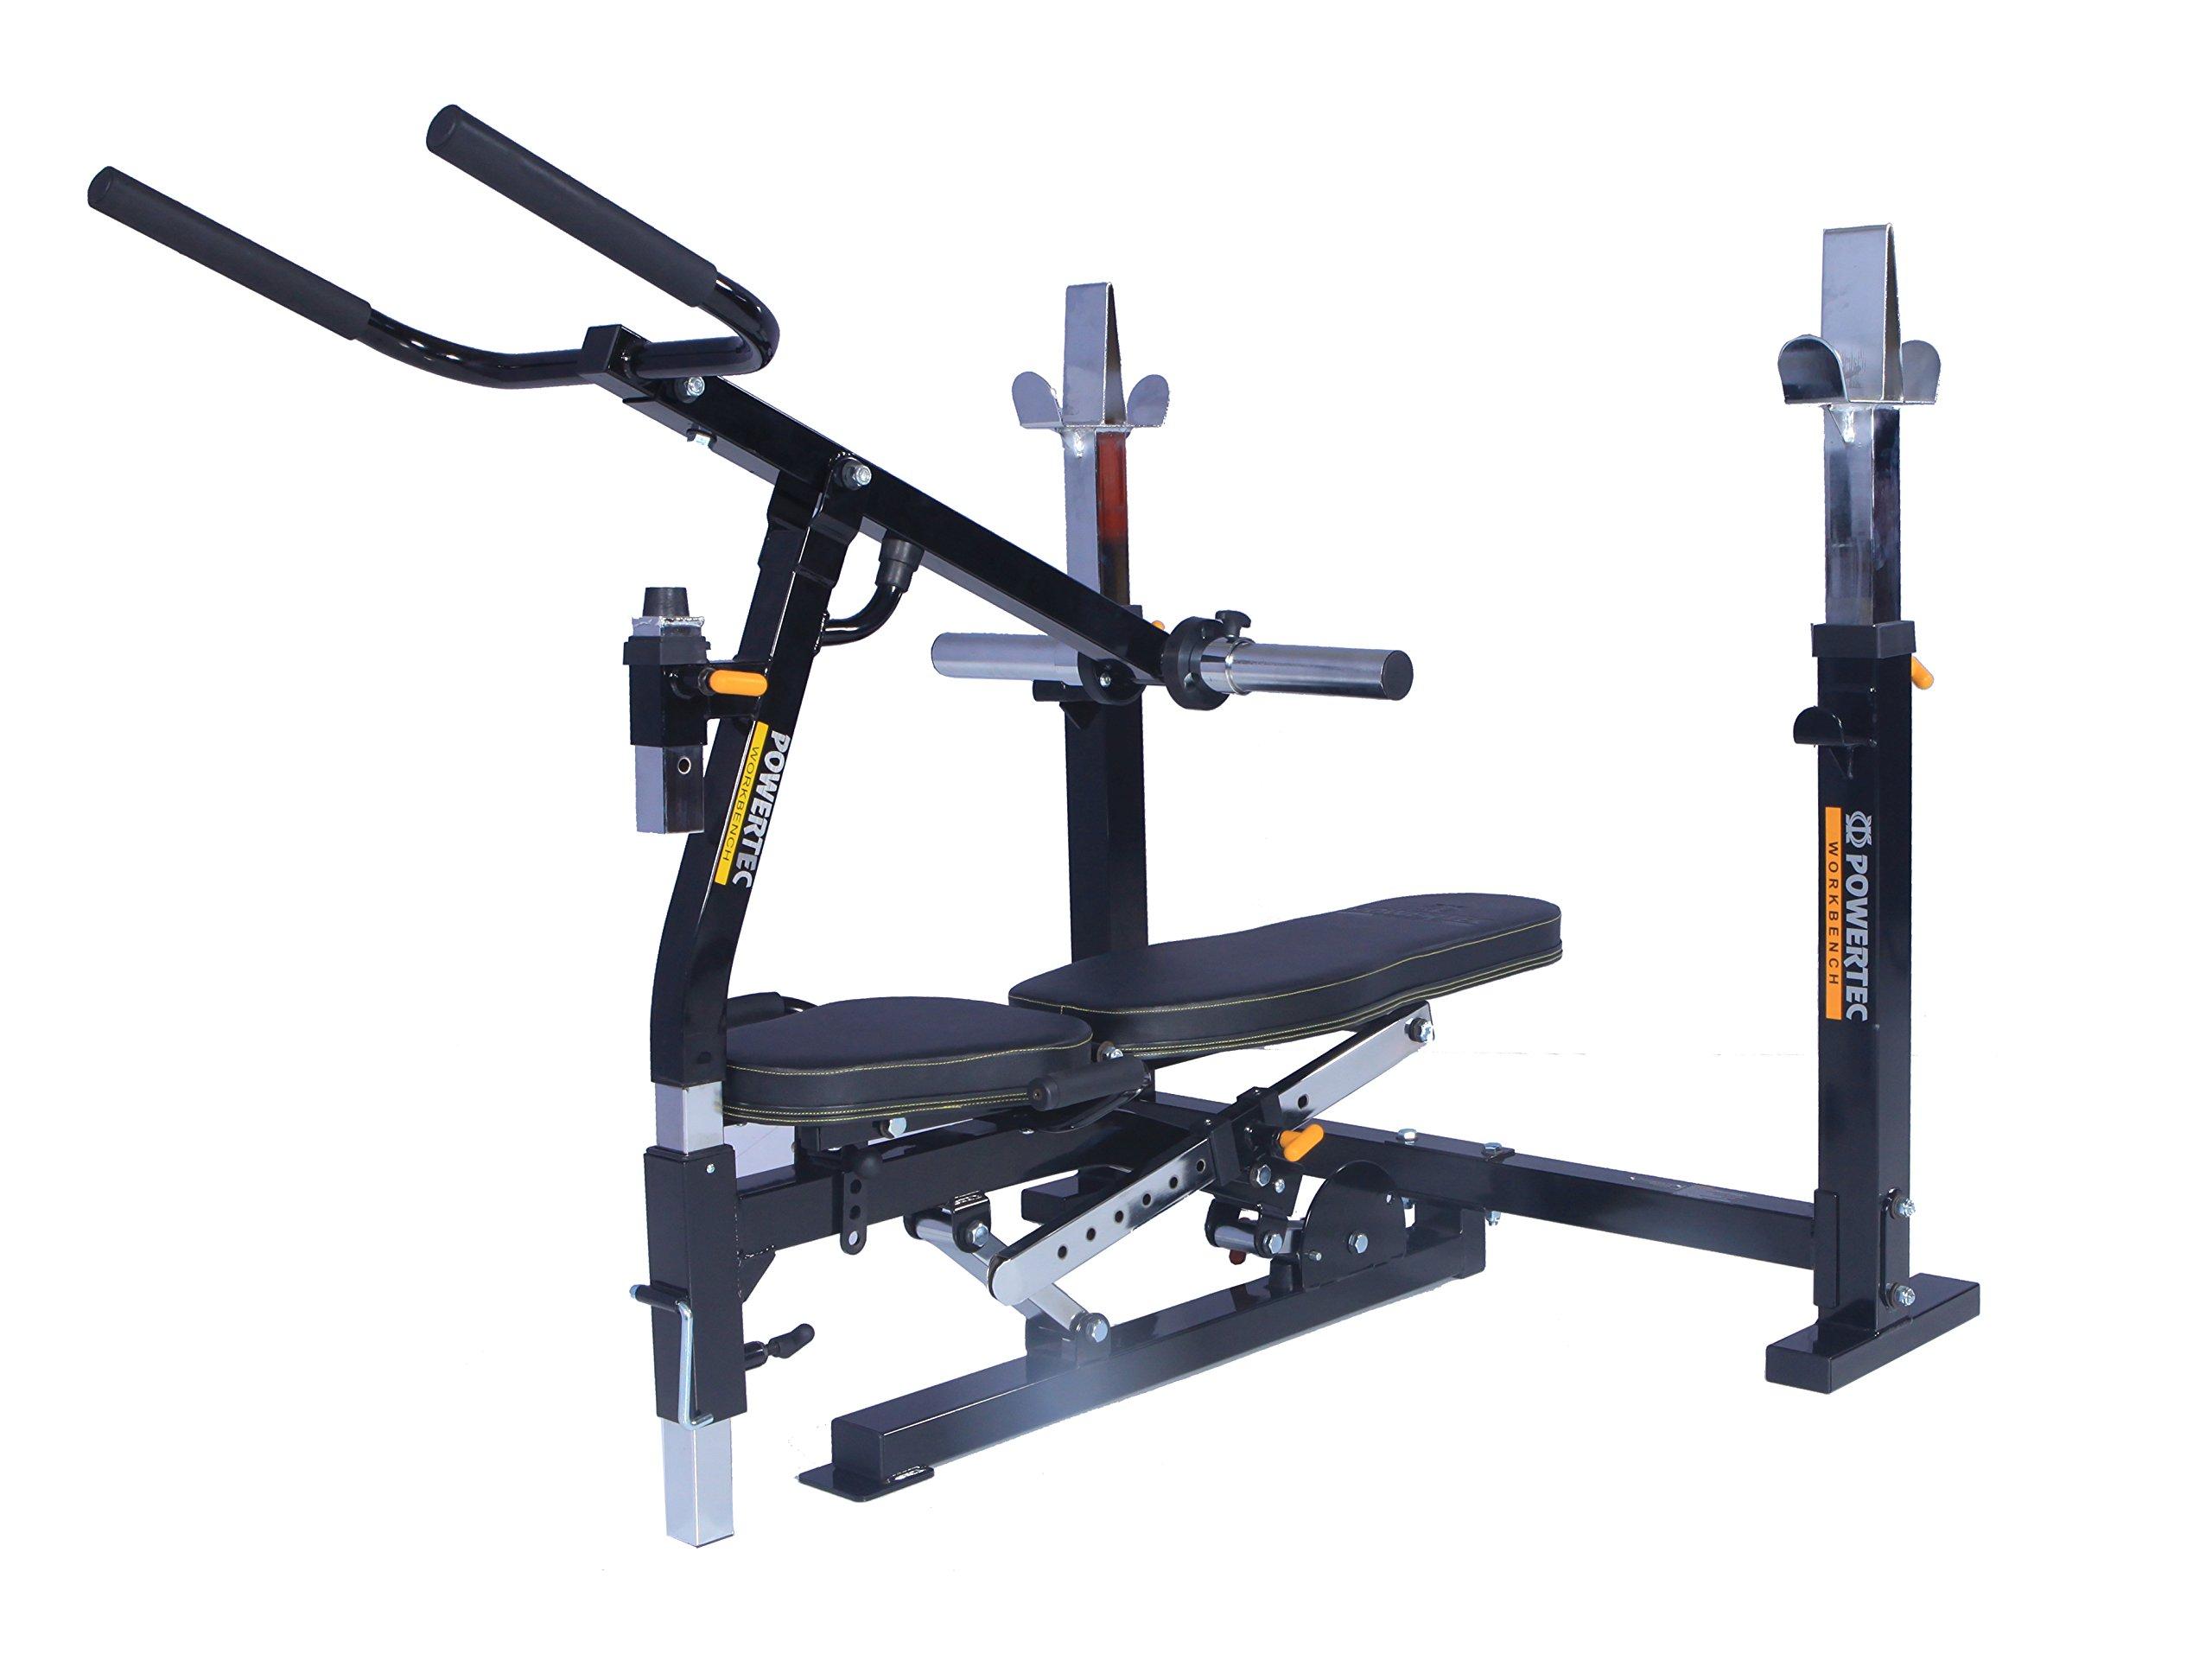 Powertec Workbench Olympic Bench (WB-OB15) + Dip Machine Accessory (WB-DMA16) by Powertec Fitness